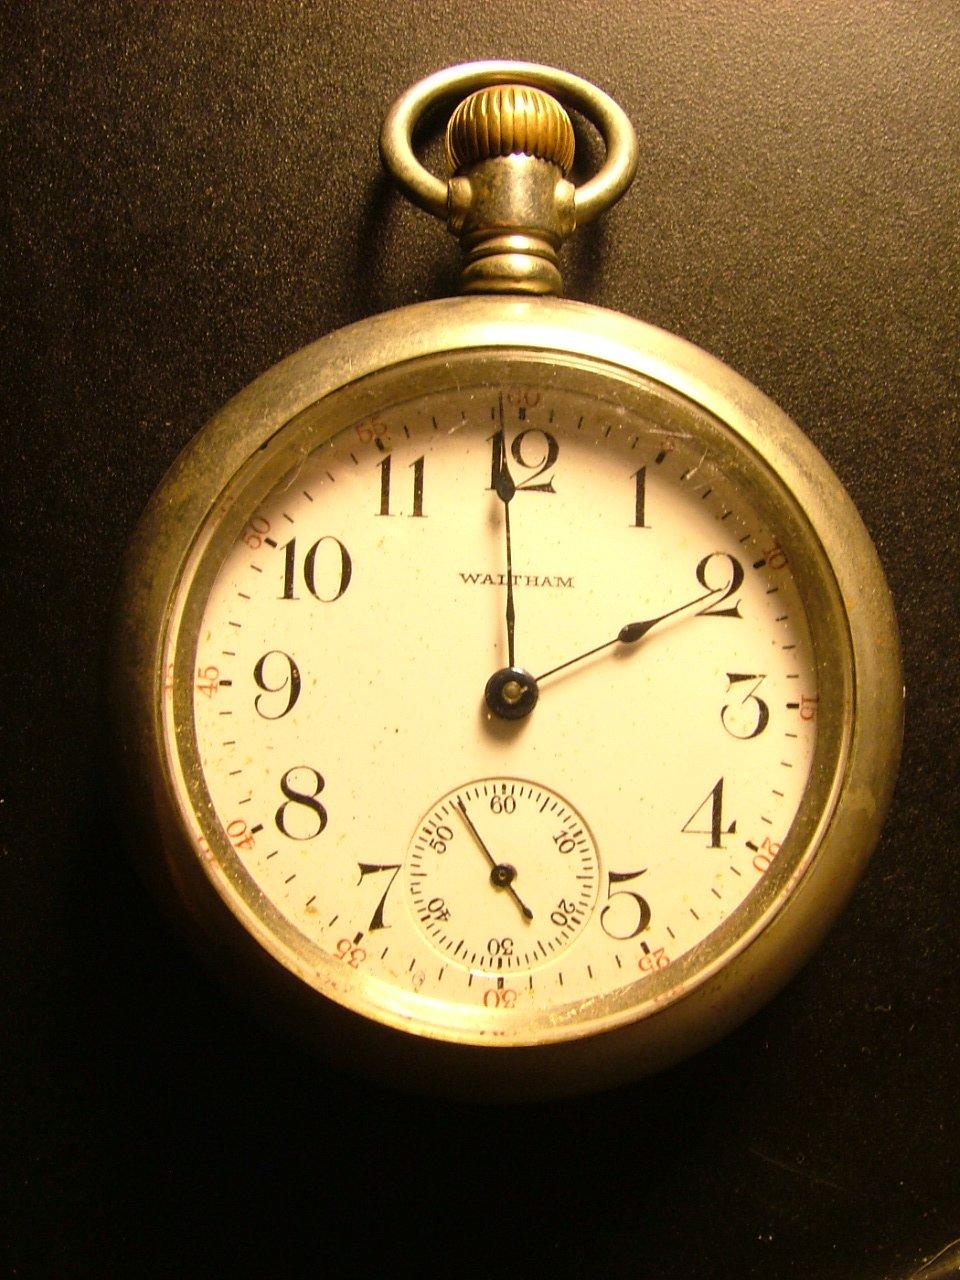 Waltham Watch Co. Men's Pocket Watch, s18 Silverode Case c.1904